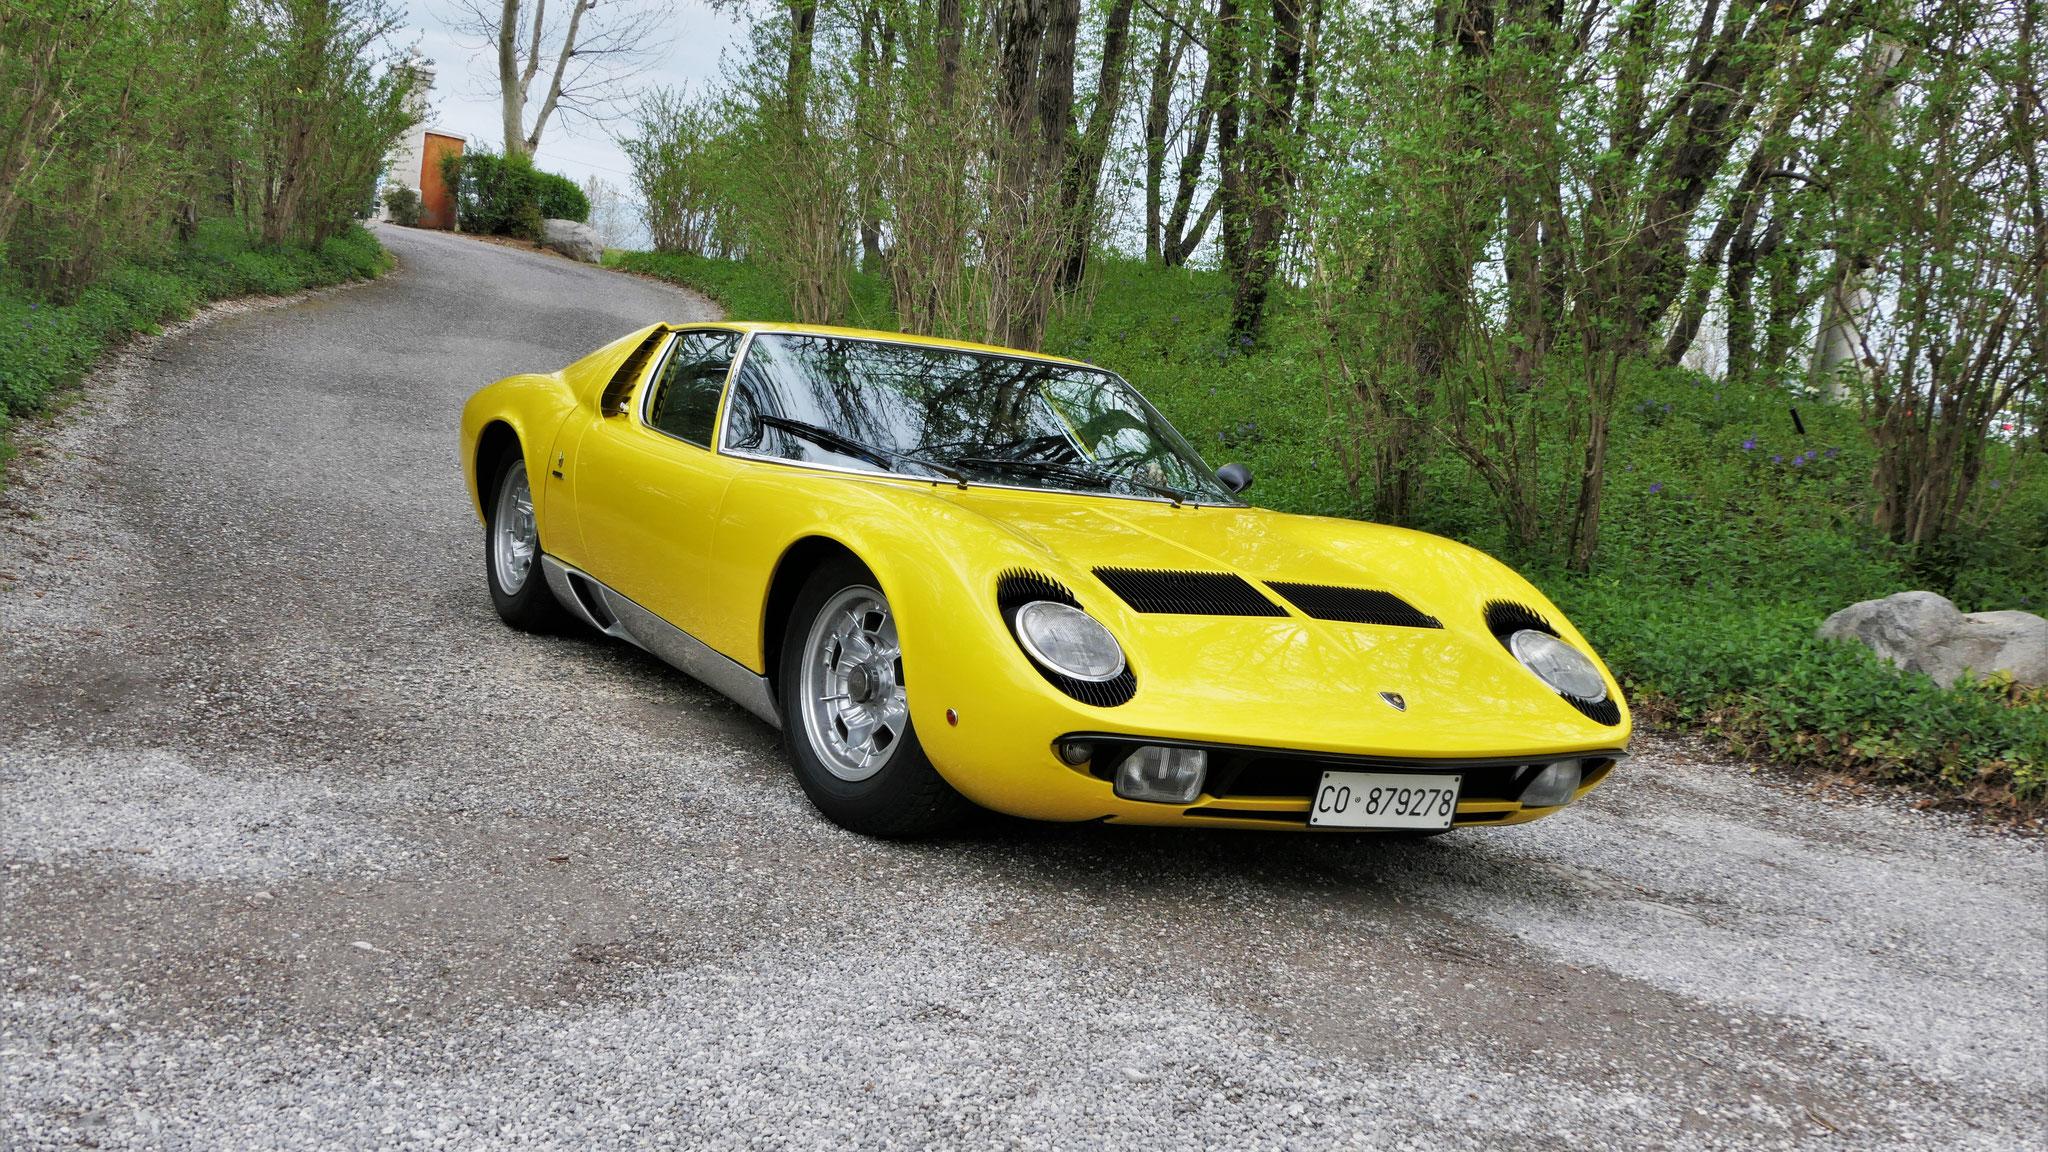 Lamborghini Miura - CO-879278 (ITA)